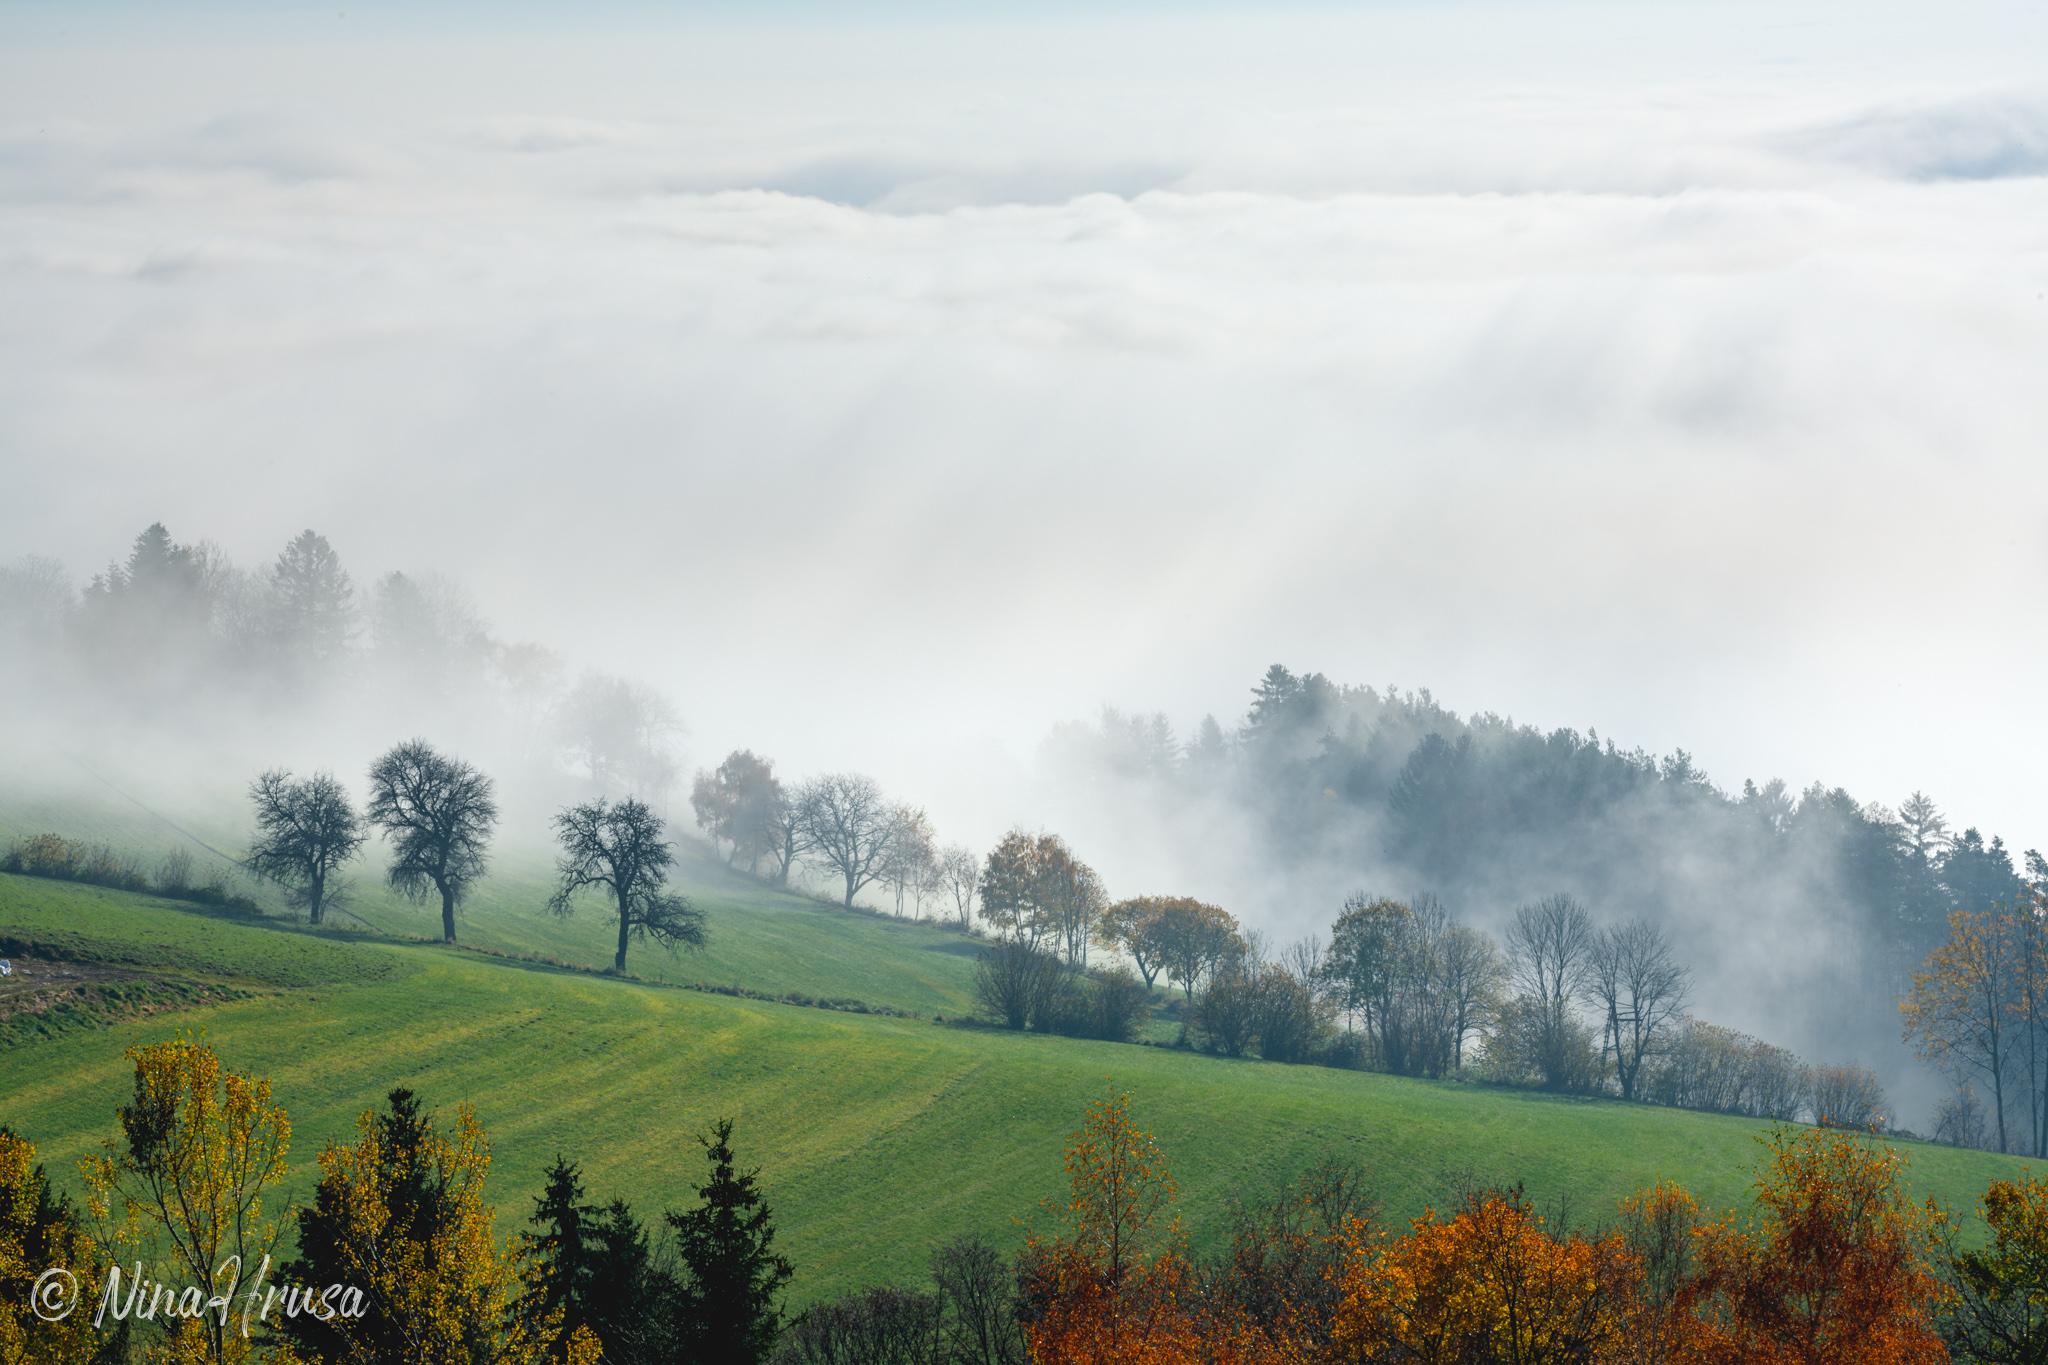 Nebelstimmung, Oststeiermark, Zwischenmomente | Nina Hrusa Photography